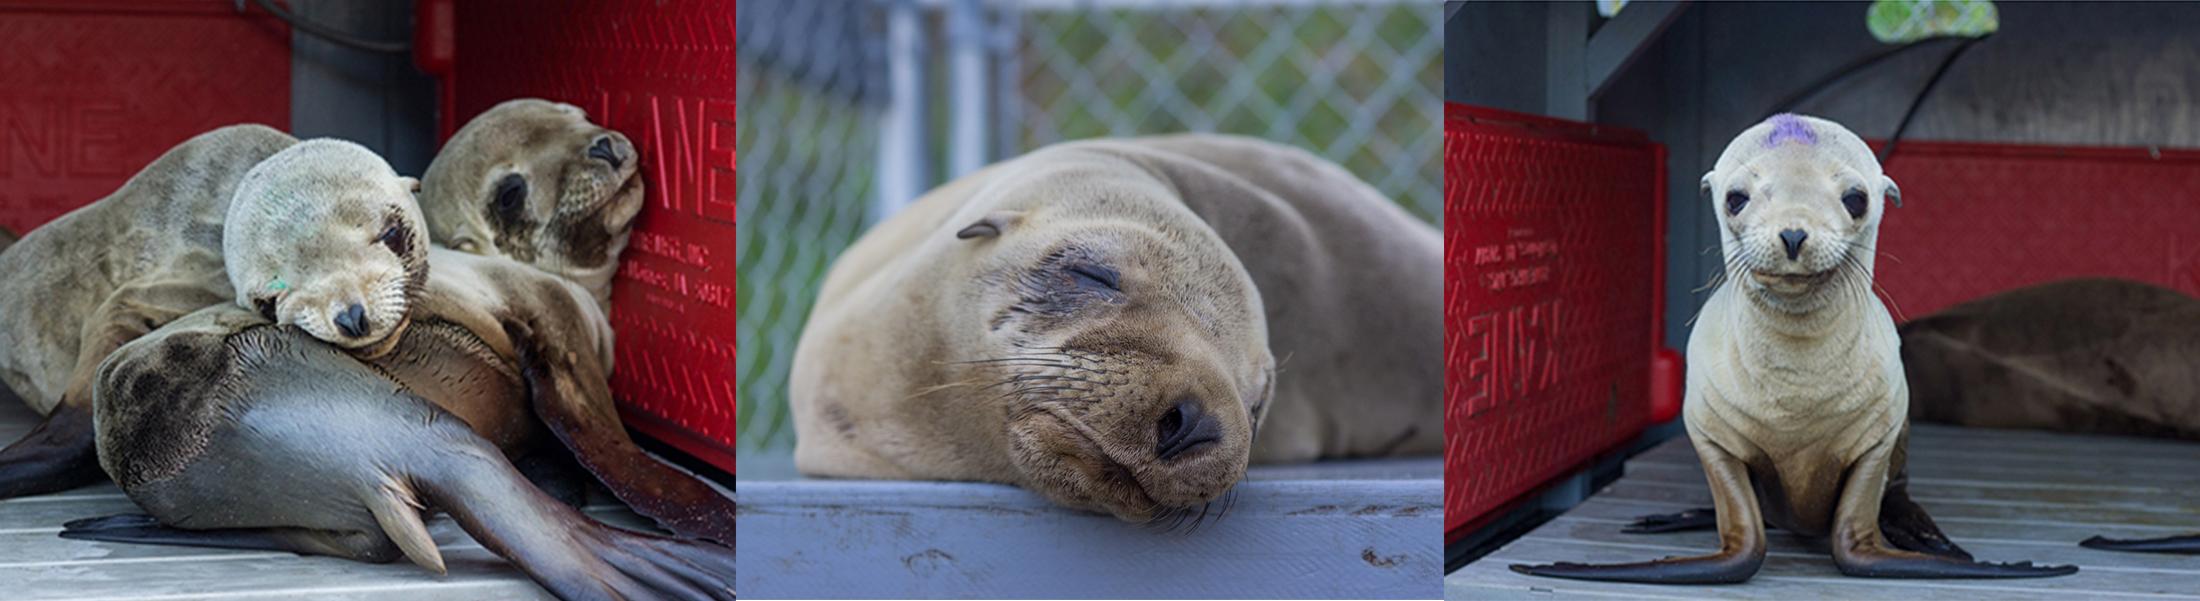 Sea Lion Rehabilitation